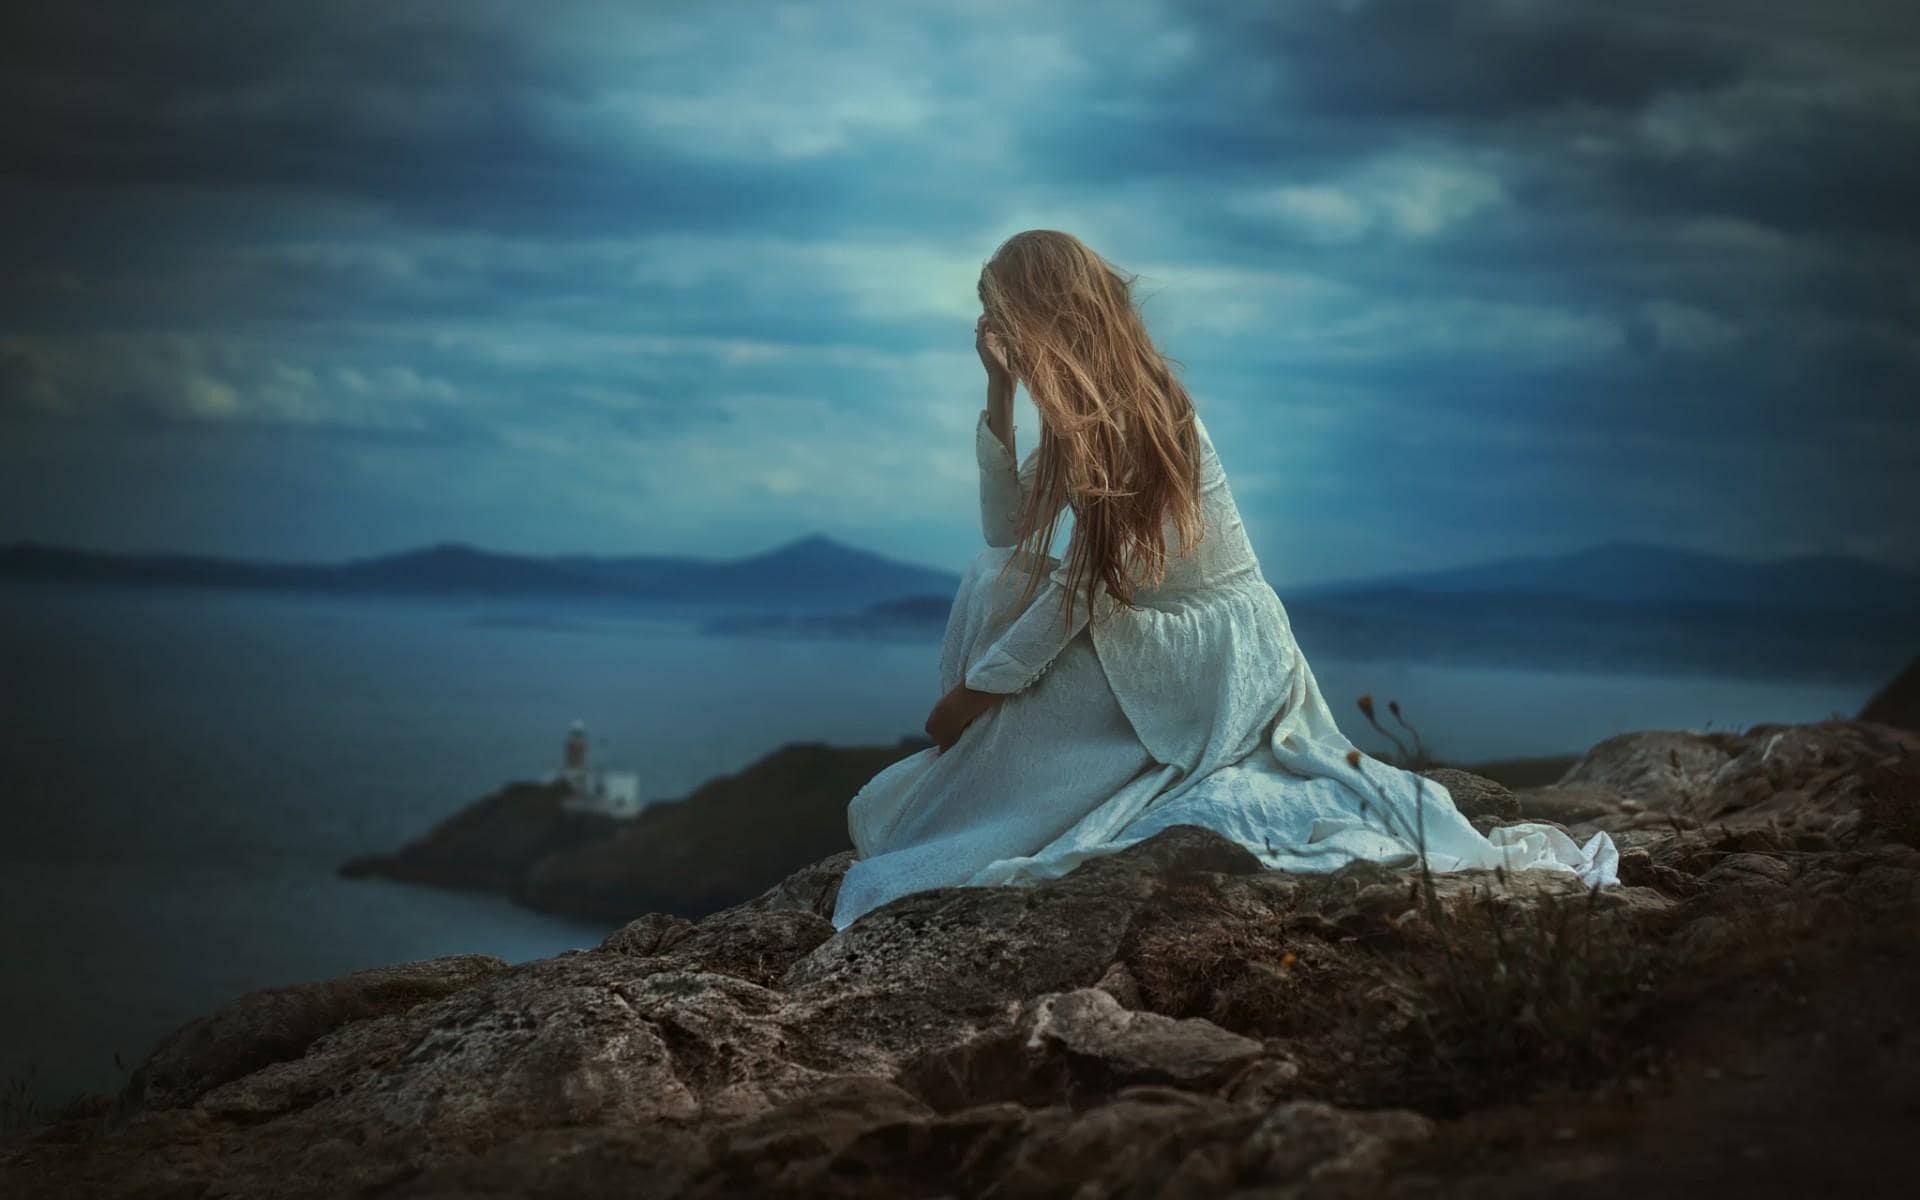 Hình nền buồn cô gái ngồi bên bờ biển